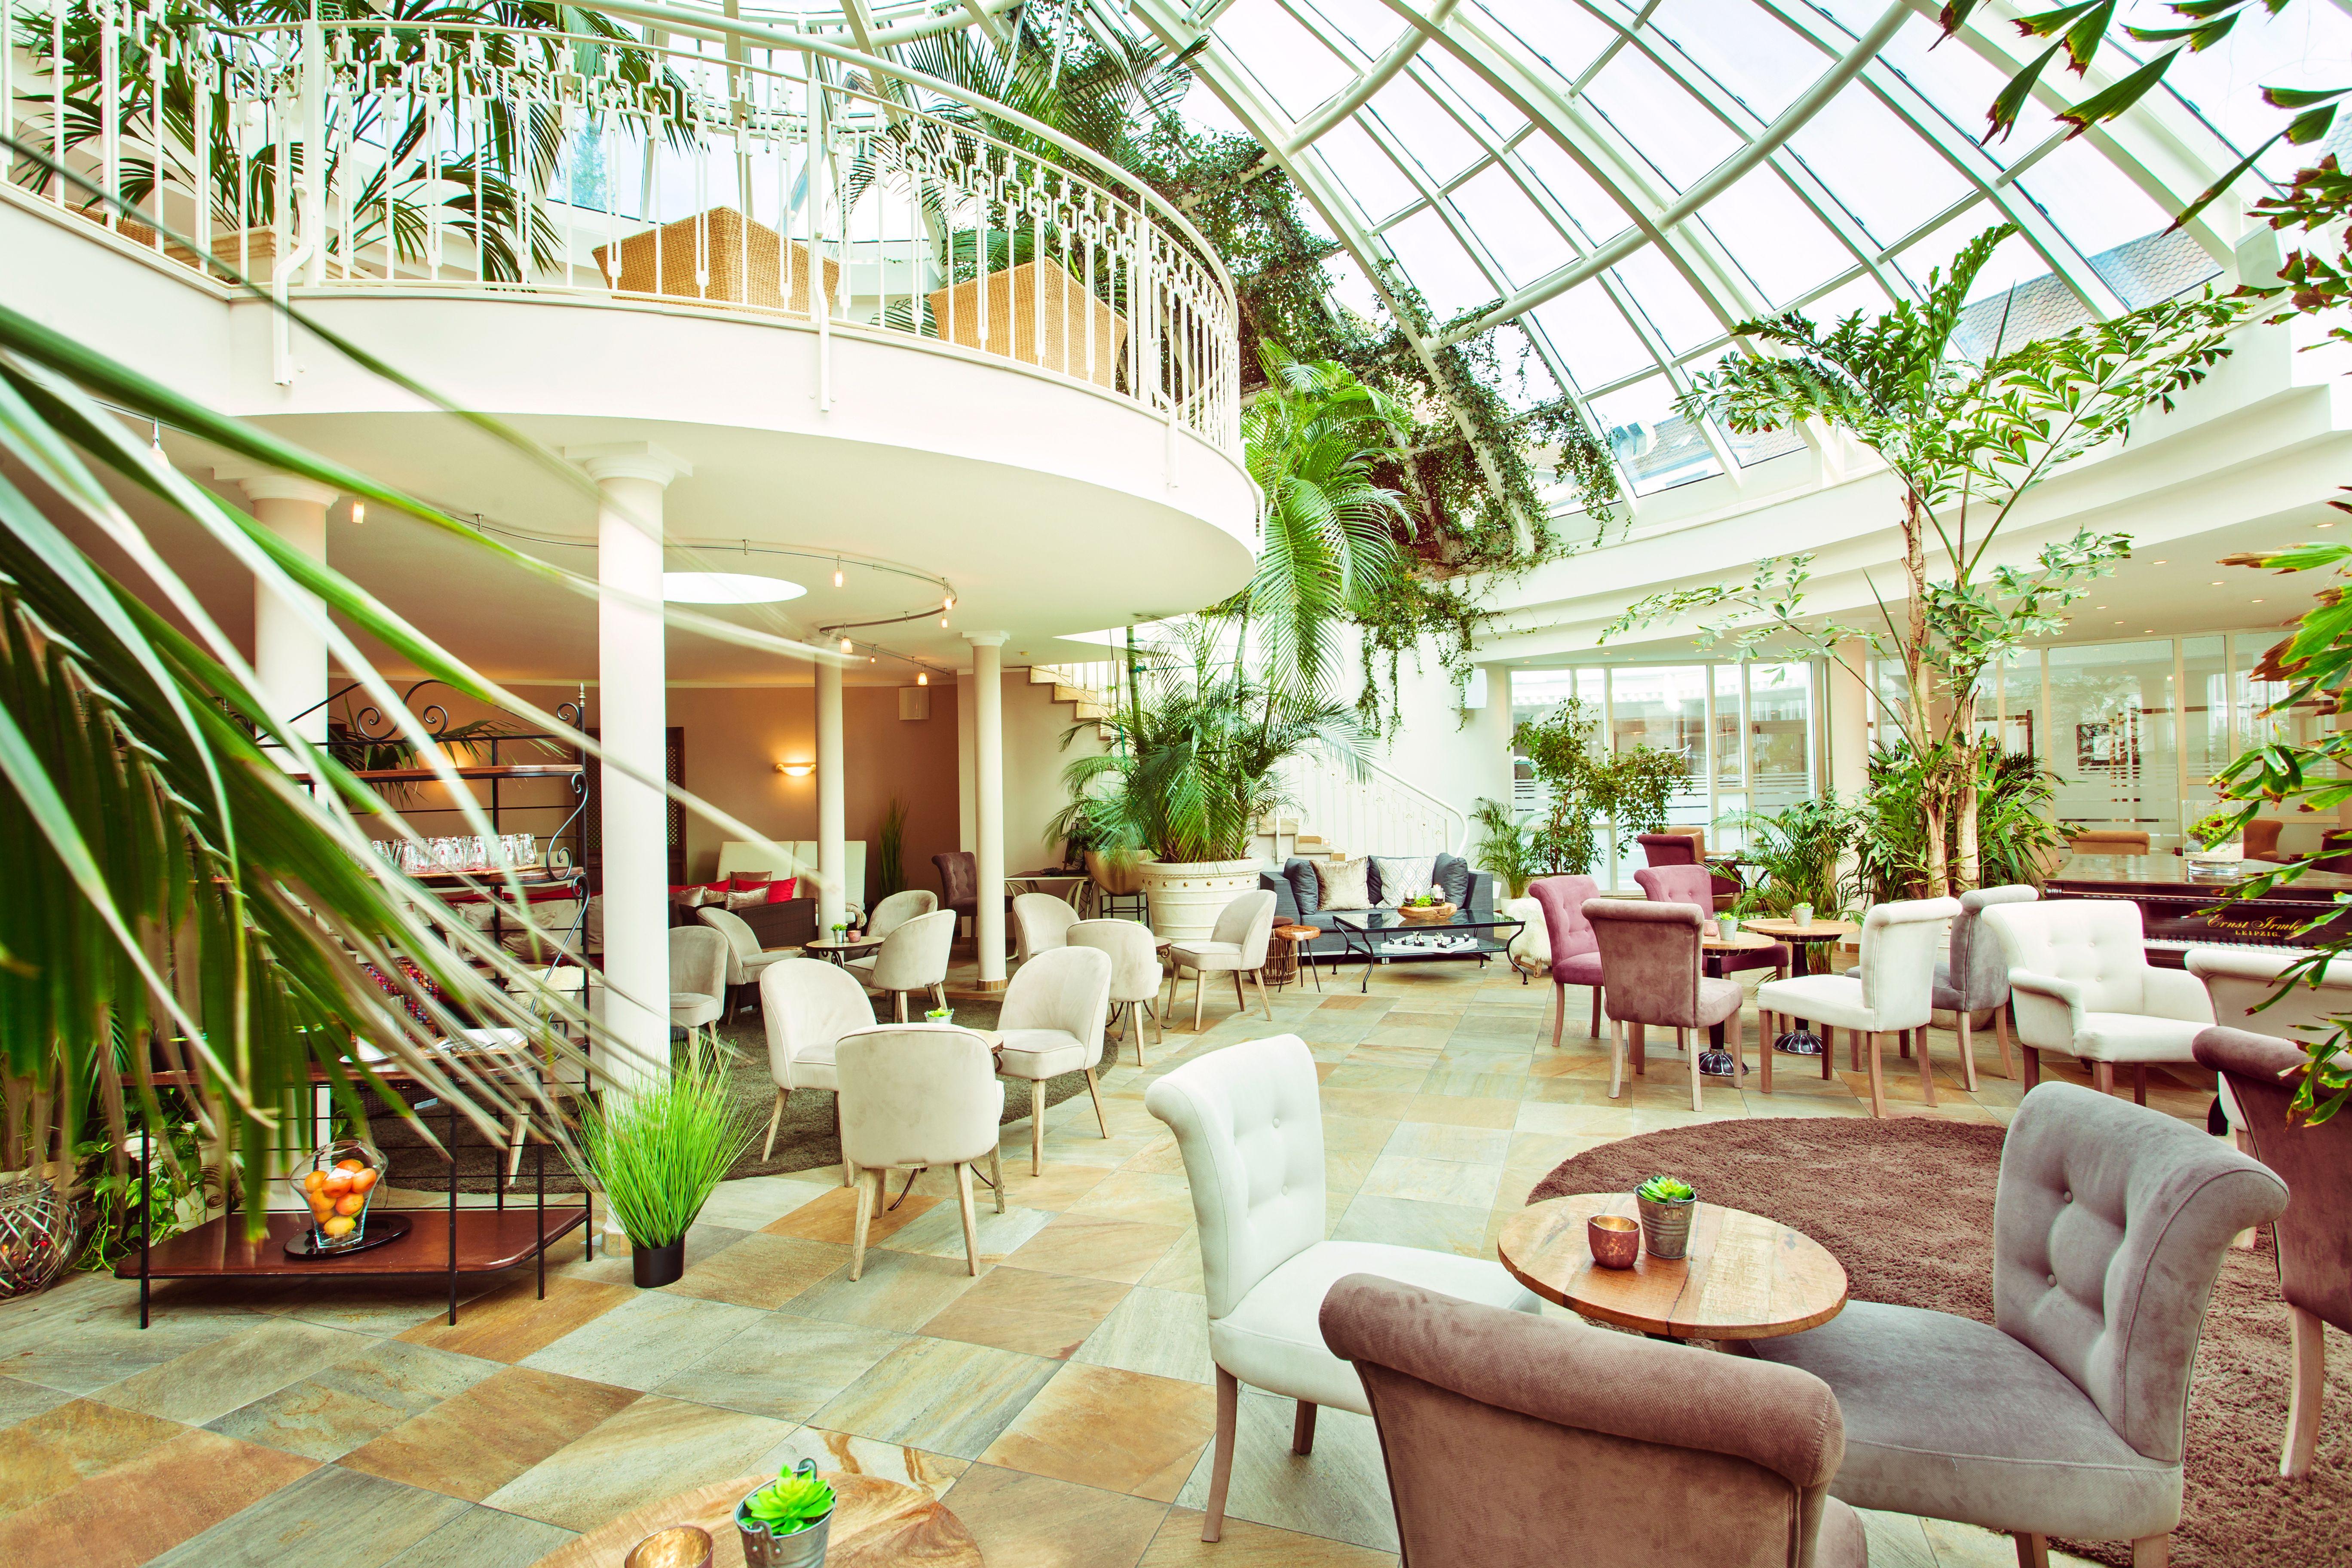 Romantischer Winkel - RoLigio & Wellness Resort - Palmengarten